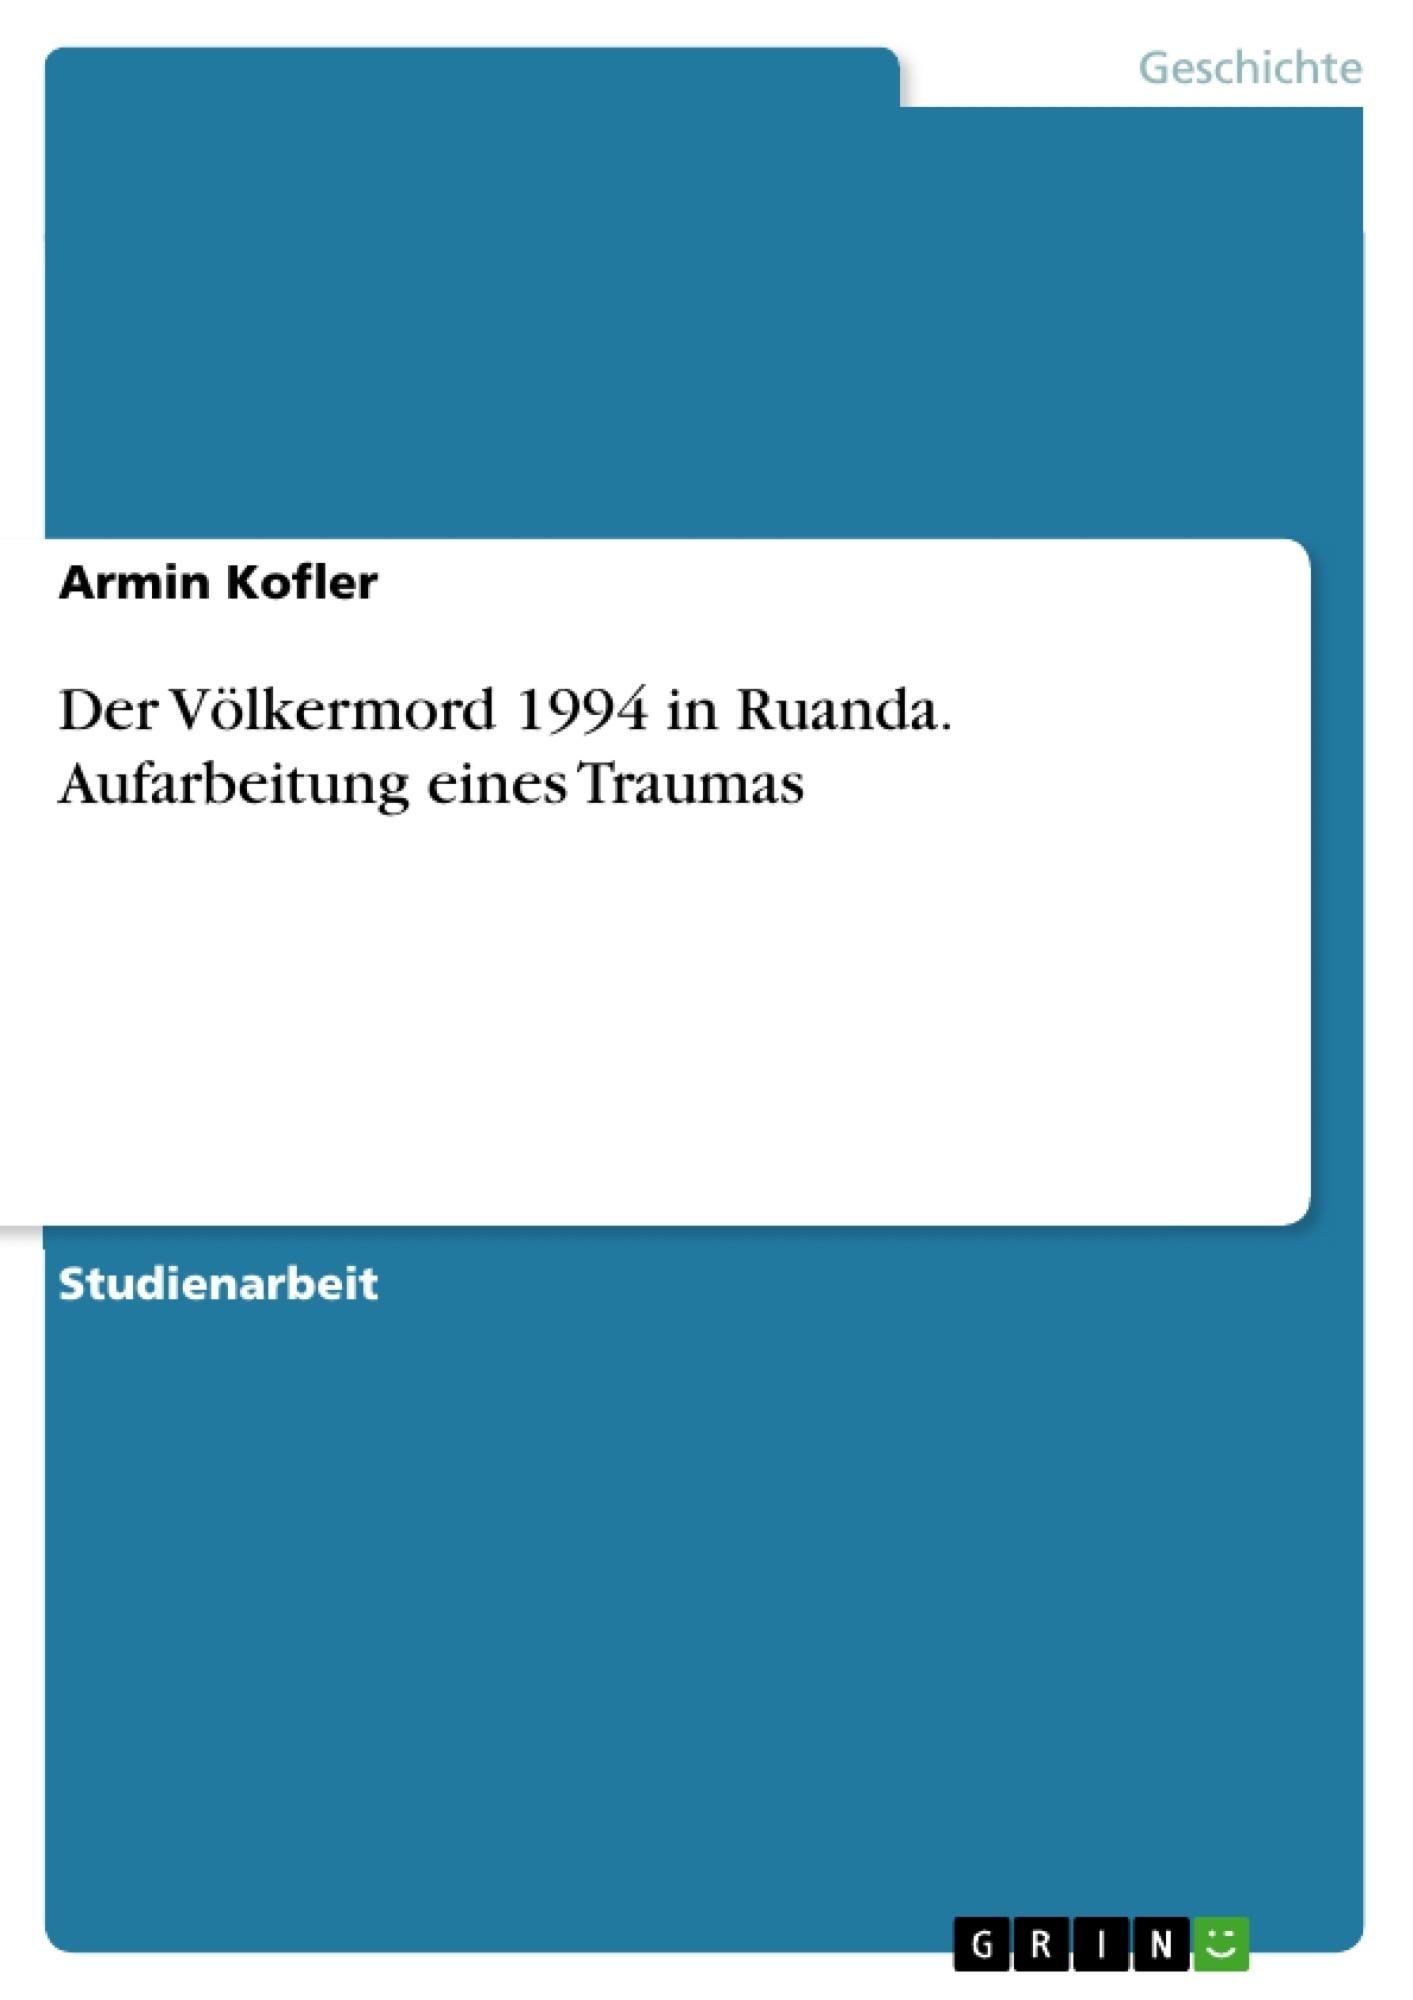 Titel: Der Völkermord 1994 in Ruanda. Aufarbeitung eines Traumas